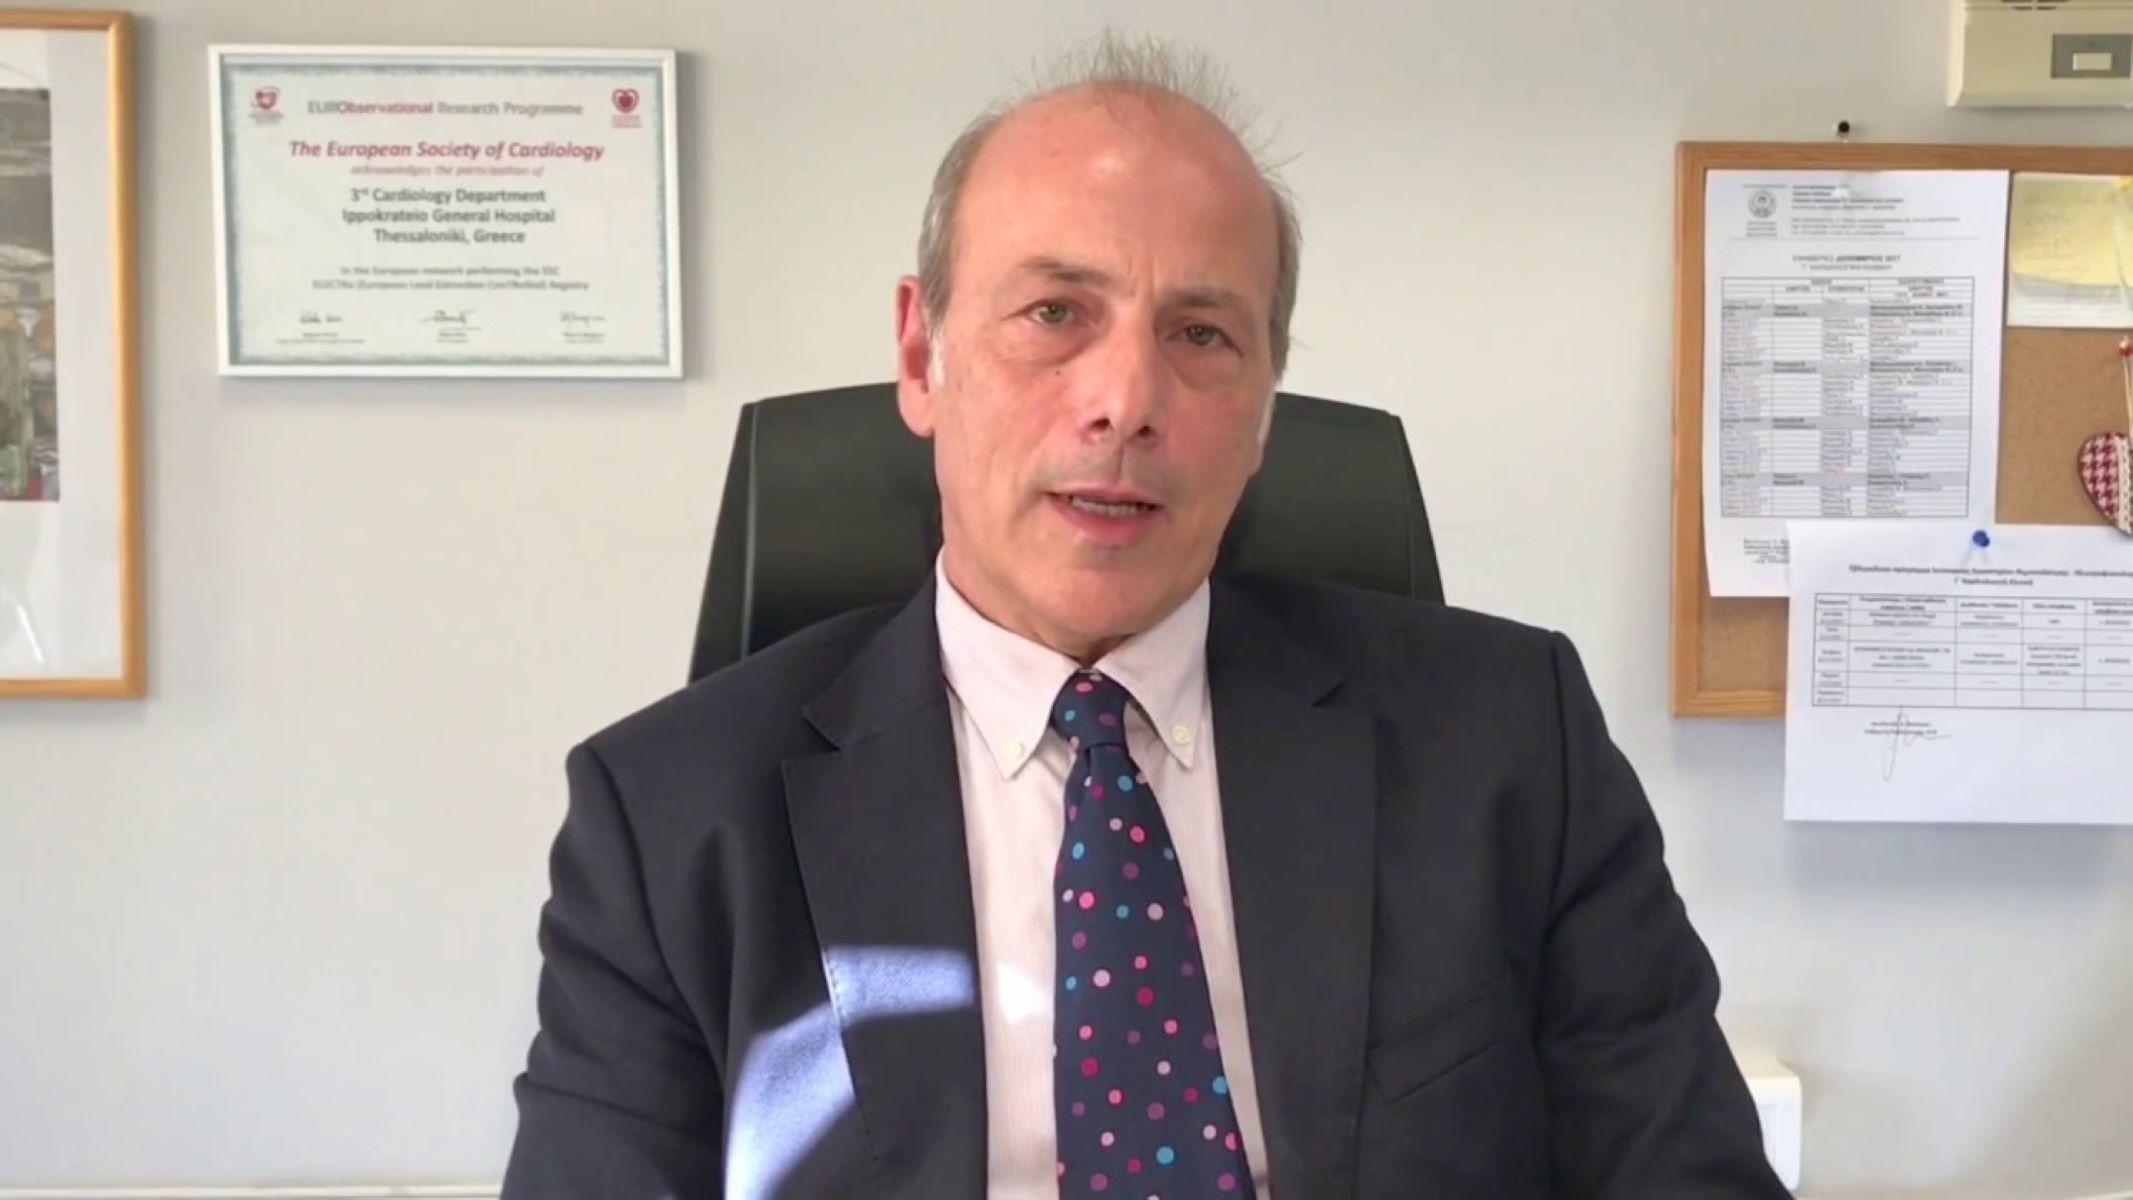 Ο Καθηγητής Καρδιολογίας Β. Βασιλικός μιλάει για την περιπέτεια του από τον Κορωνοϊό